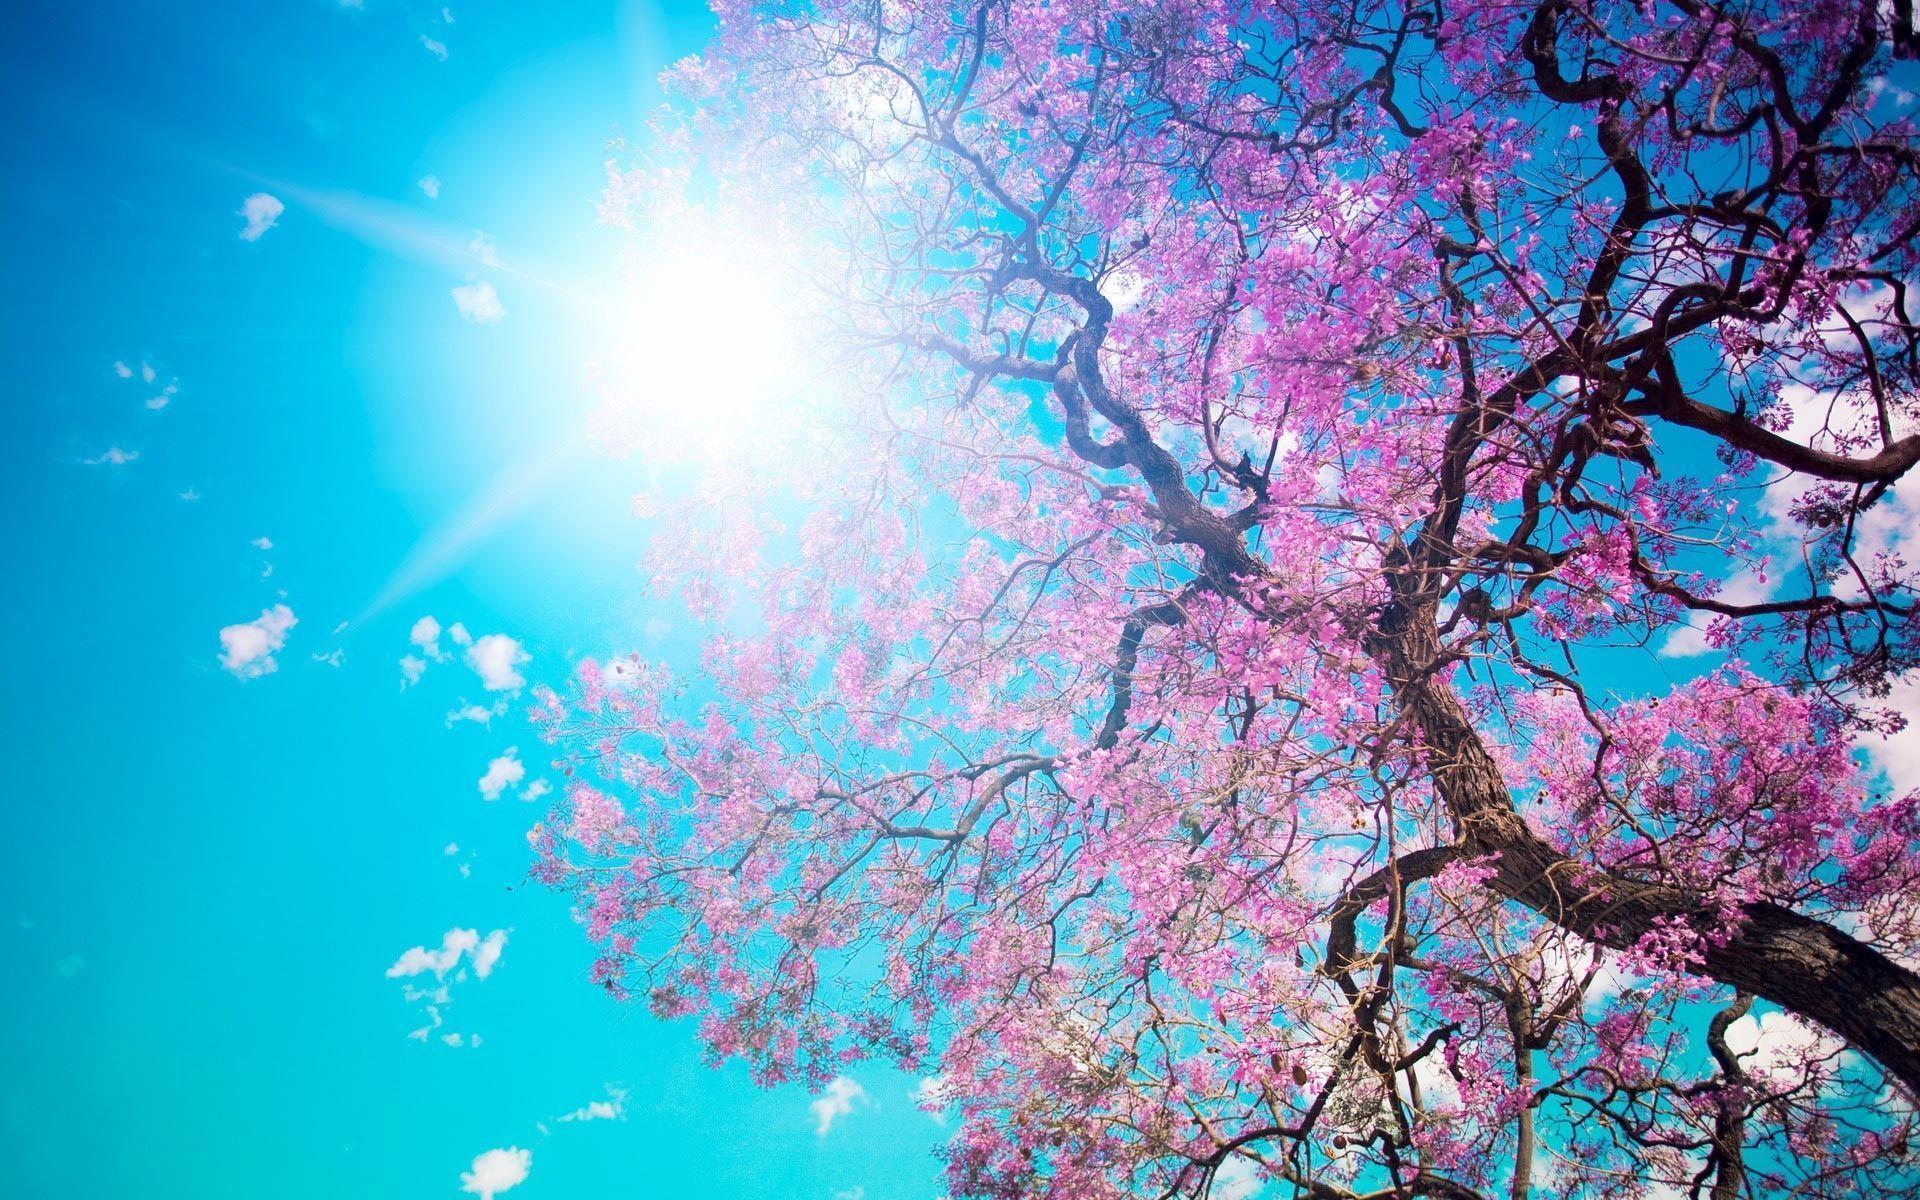 春 を感じさせてくれる 爽やか系pcデスクトップ壁紙 159 Naver まとめ